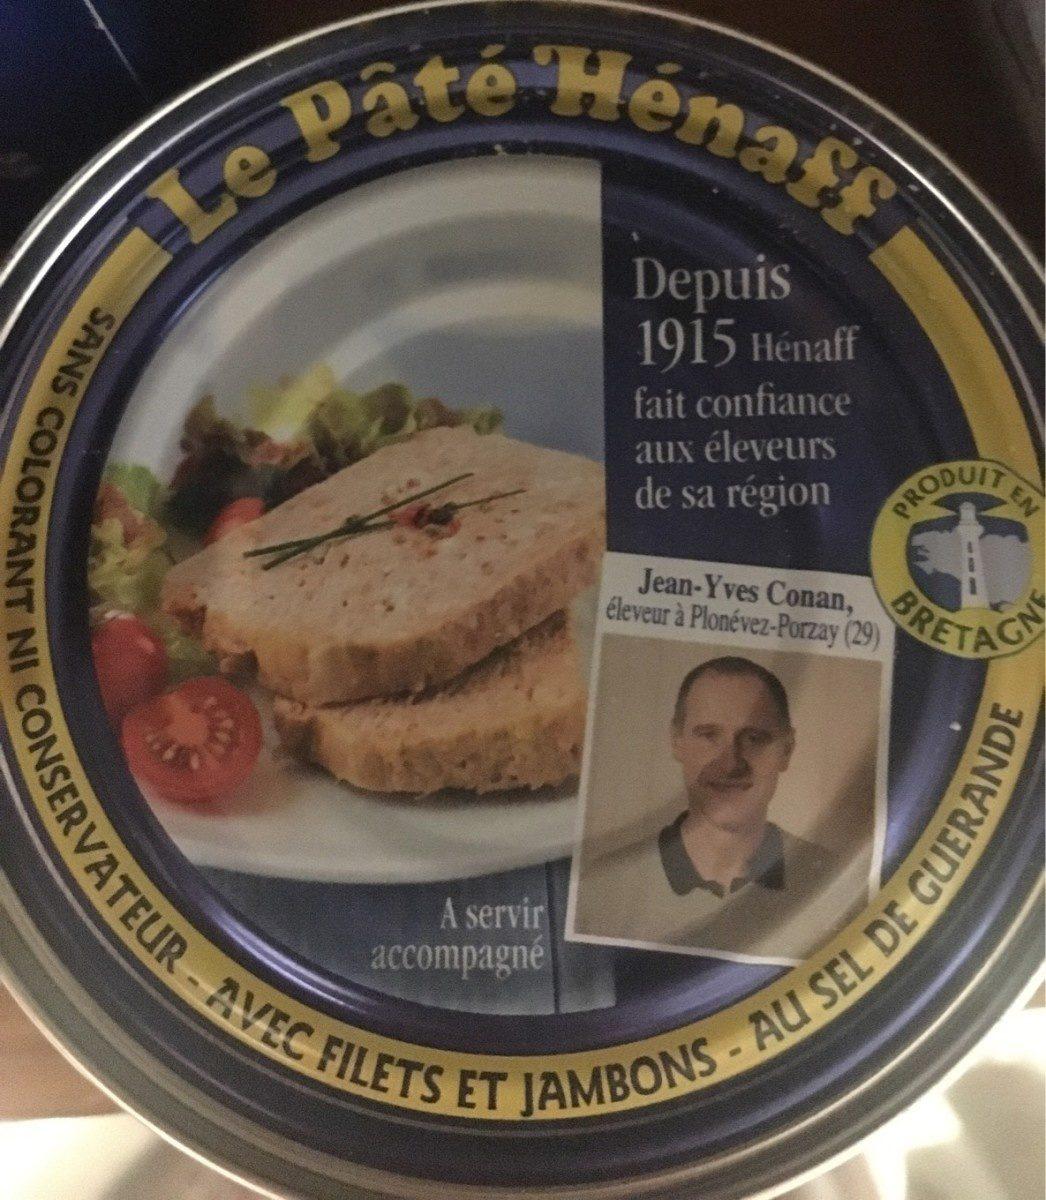 Le Pâté Hénaff, Avec filets et jambons - Produit